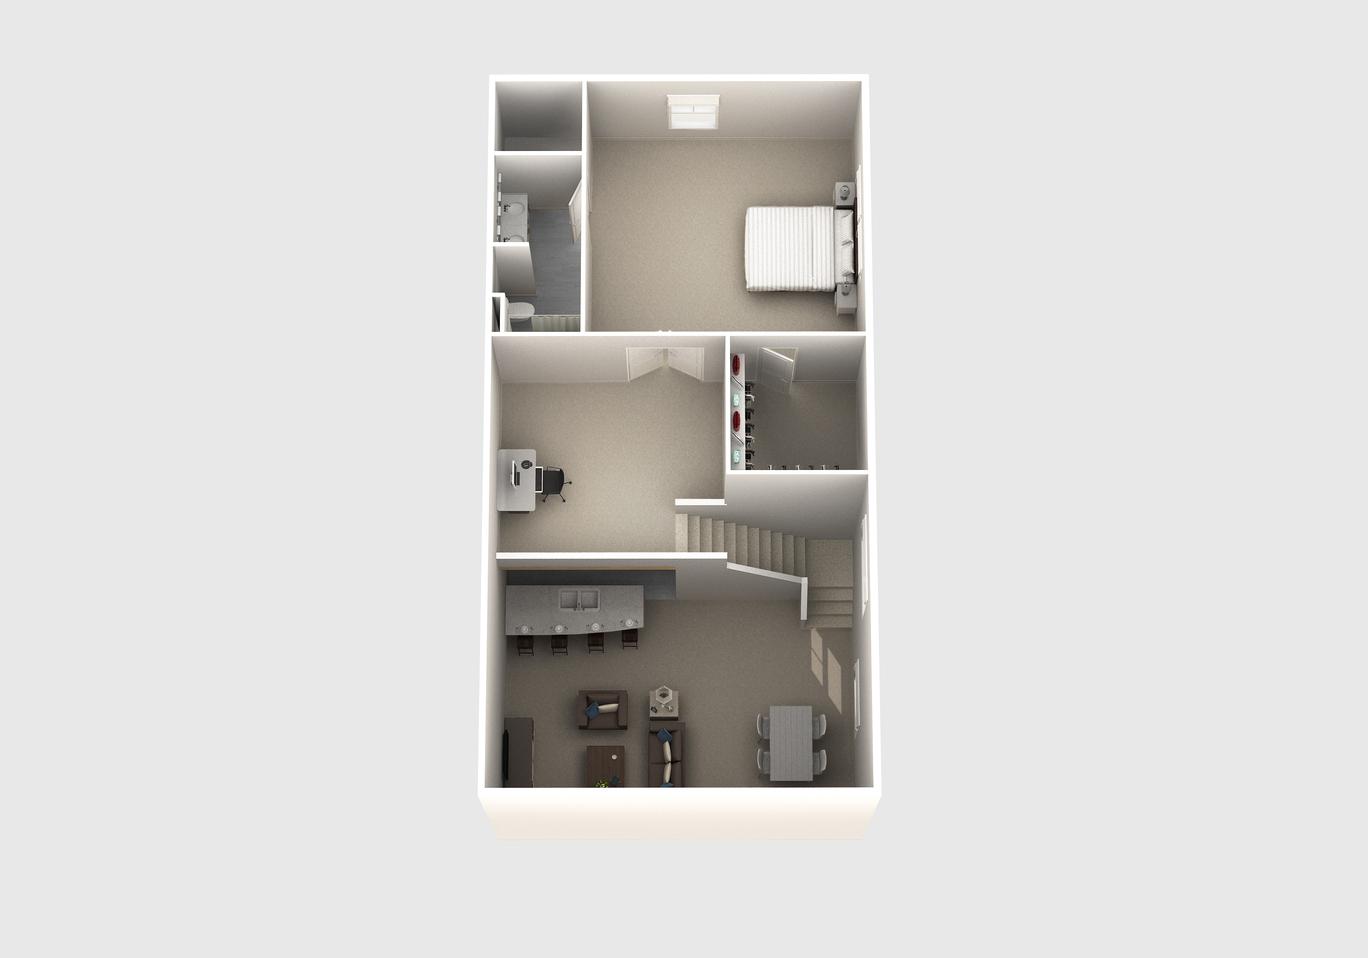 The Judd floor plan second floor